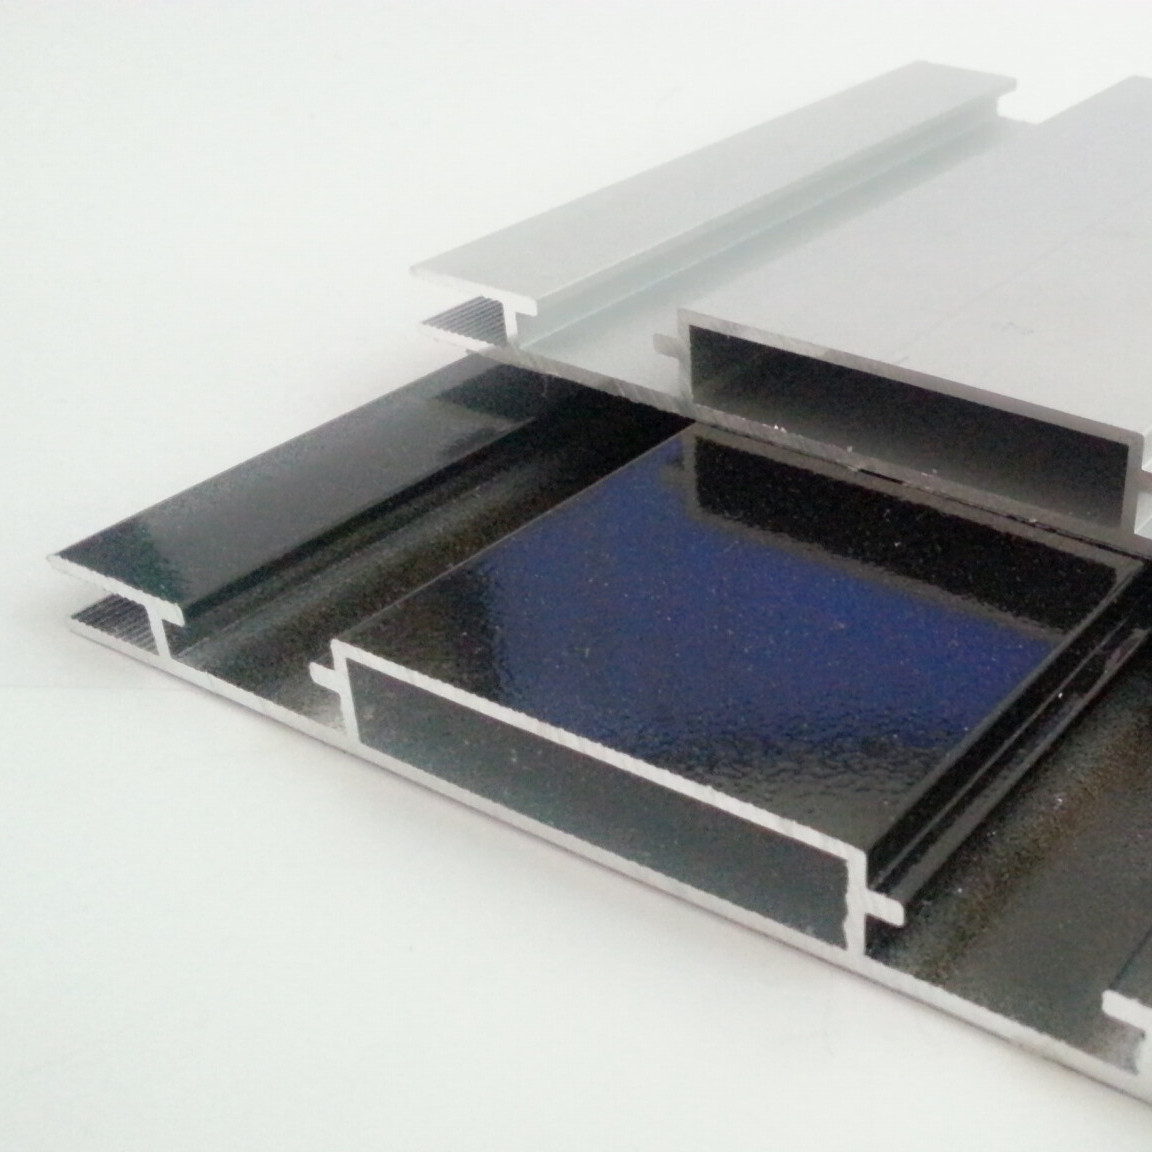 重庆卡布灯箱广告铝材广告展示厂家直销